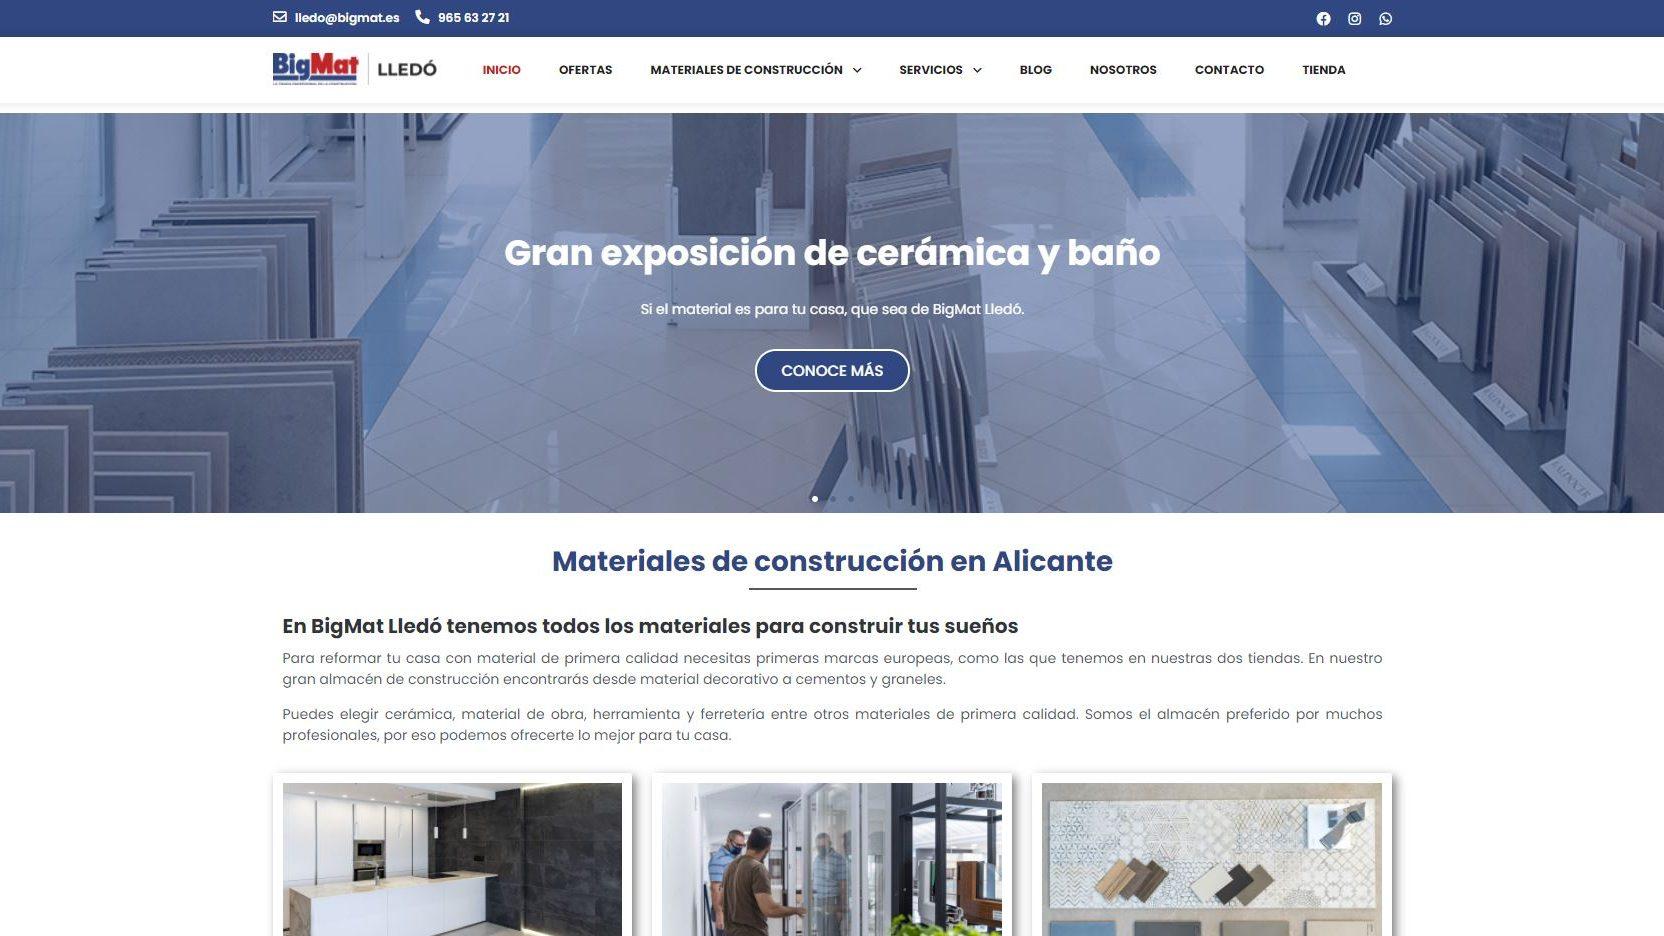 Diseño web para almacén de construcción BigMat Lledó